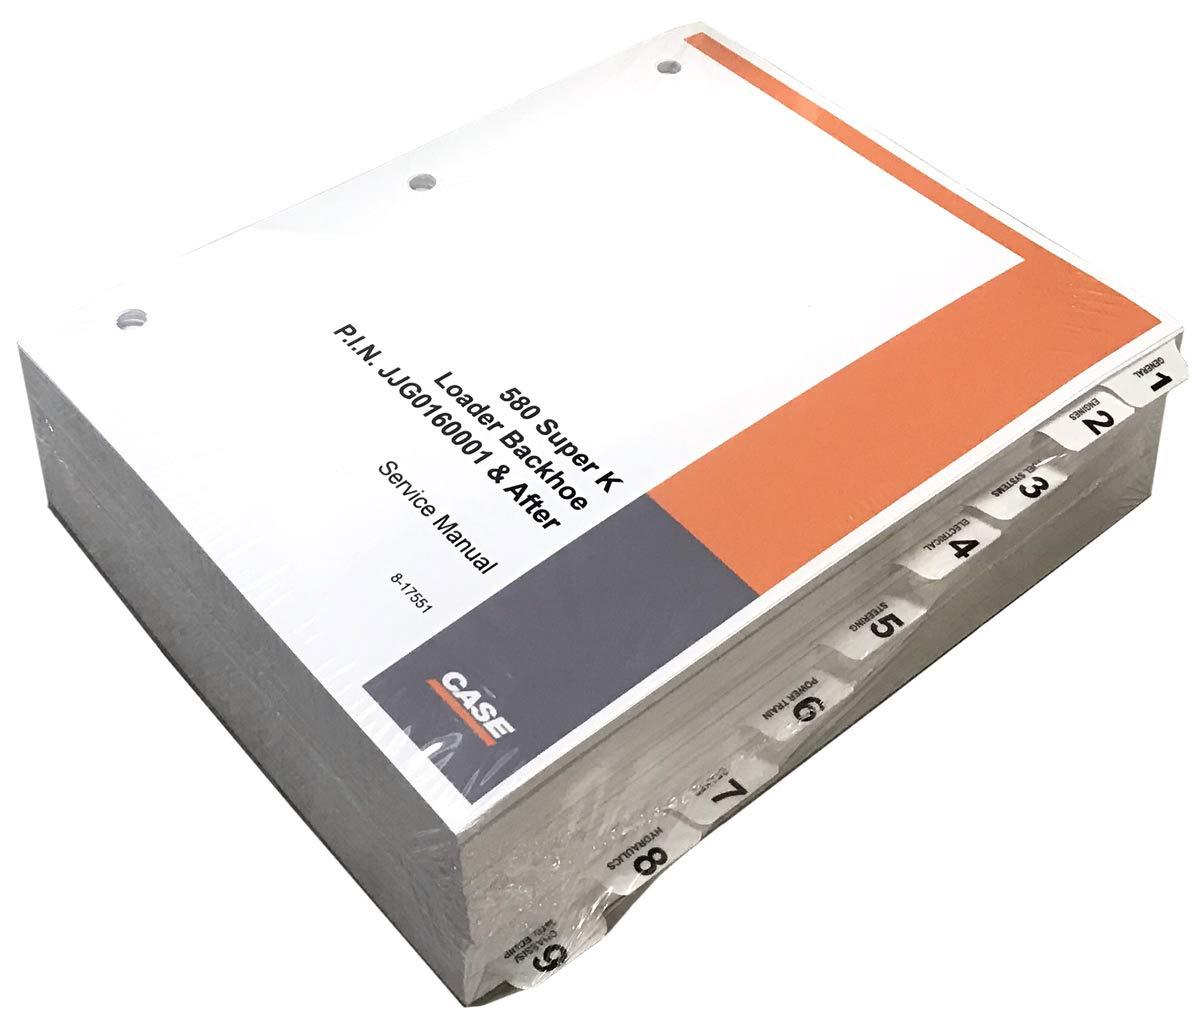 Case 580 Super K Loader Backhoe Workshop Repair Service Manual - Part Number # 8-16481 by Case (Image #1)